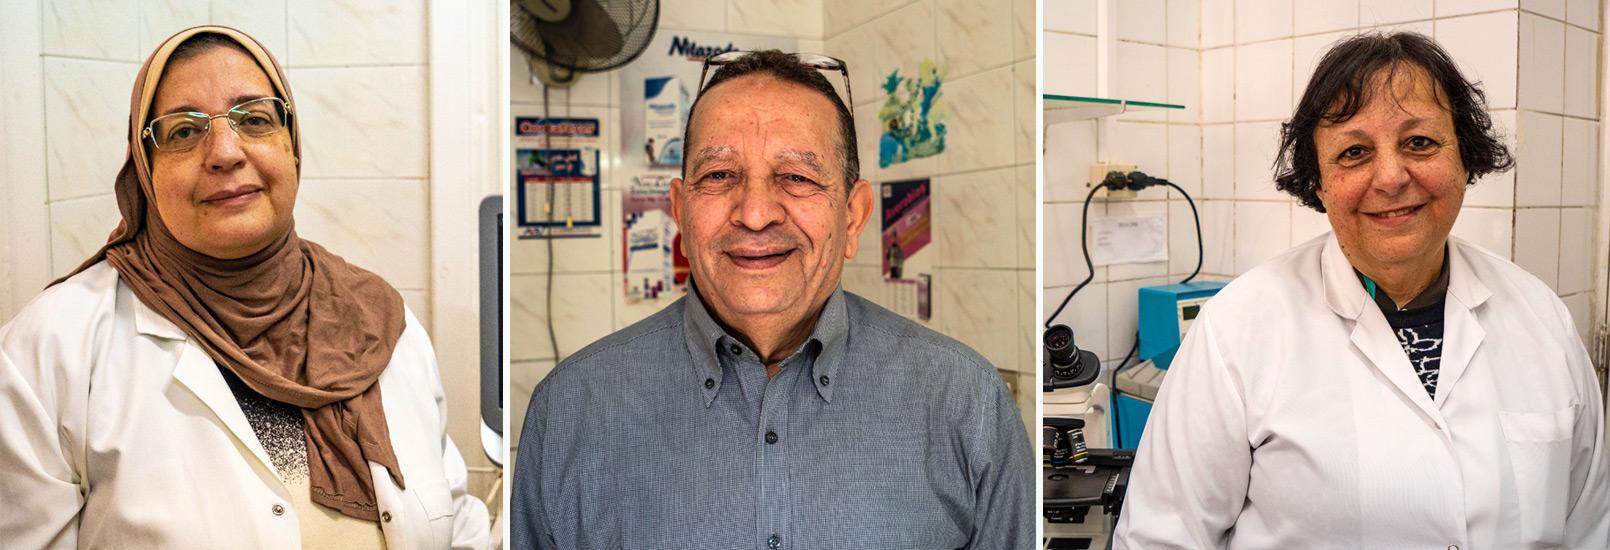 Drei Mitarbeiter im Rothalbmond-Krankenhaus in Alexandria